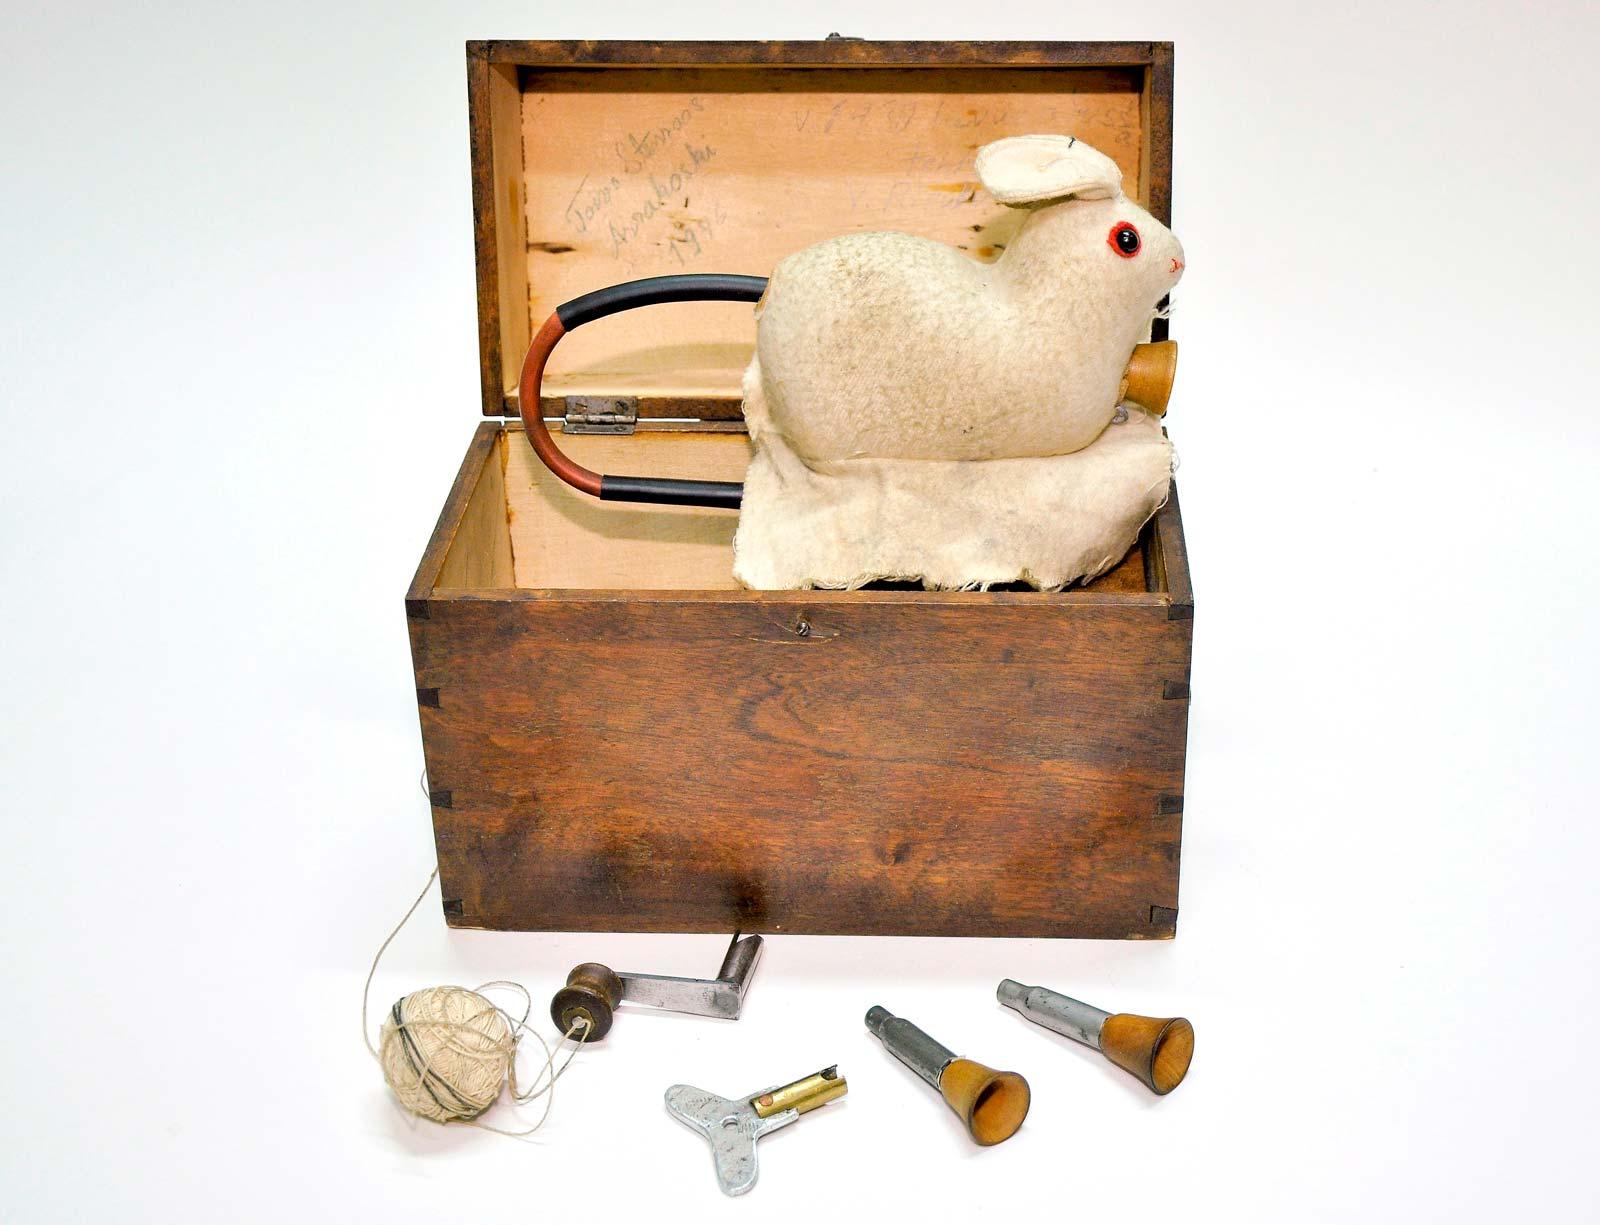 Liikkuva ja ääntelevä ketunhoukutuskuva. Valmistanut V. Risula Padasjoella 1930-luvun alussa.